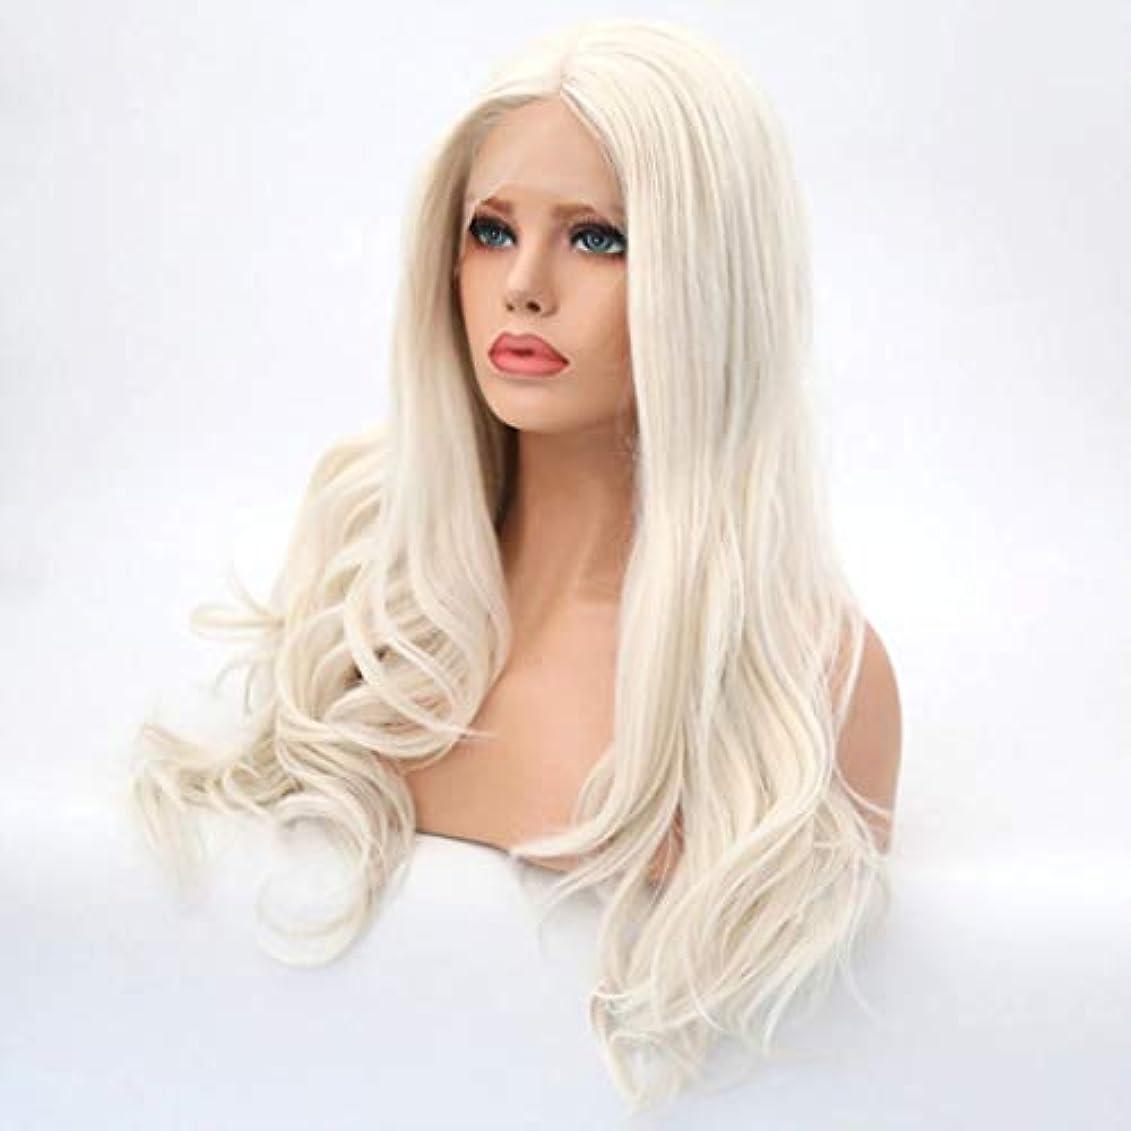 型月面半島Kerwinner 女性のための長い巻き毛のかつらフロントレース高温シルクケミカルファイバーウィッグ